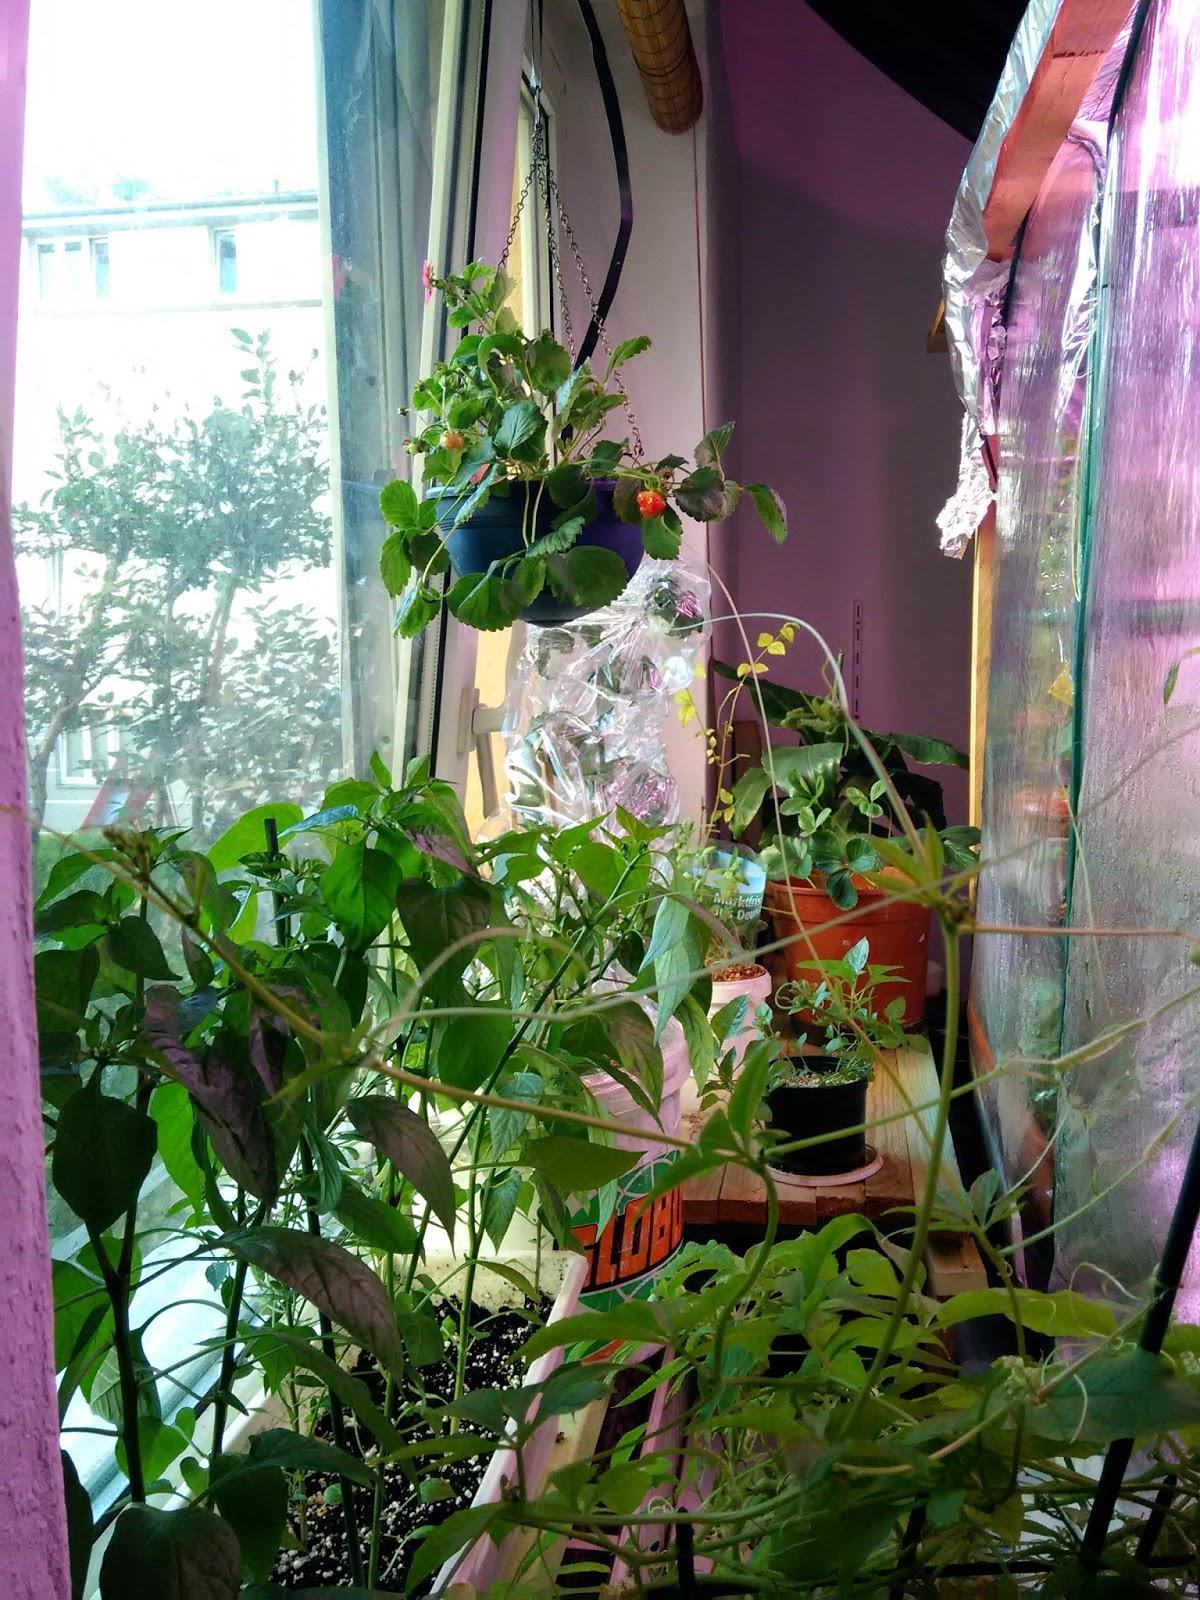 Selbstversorgung exotische einheimische pflanzen im zimmer und garten neues aus dem - Einheimische pflanzen im garten ...